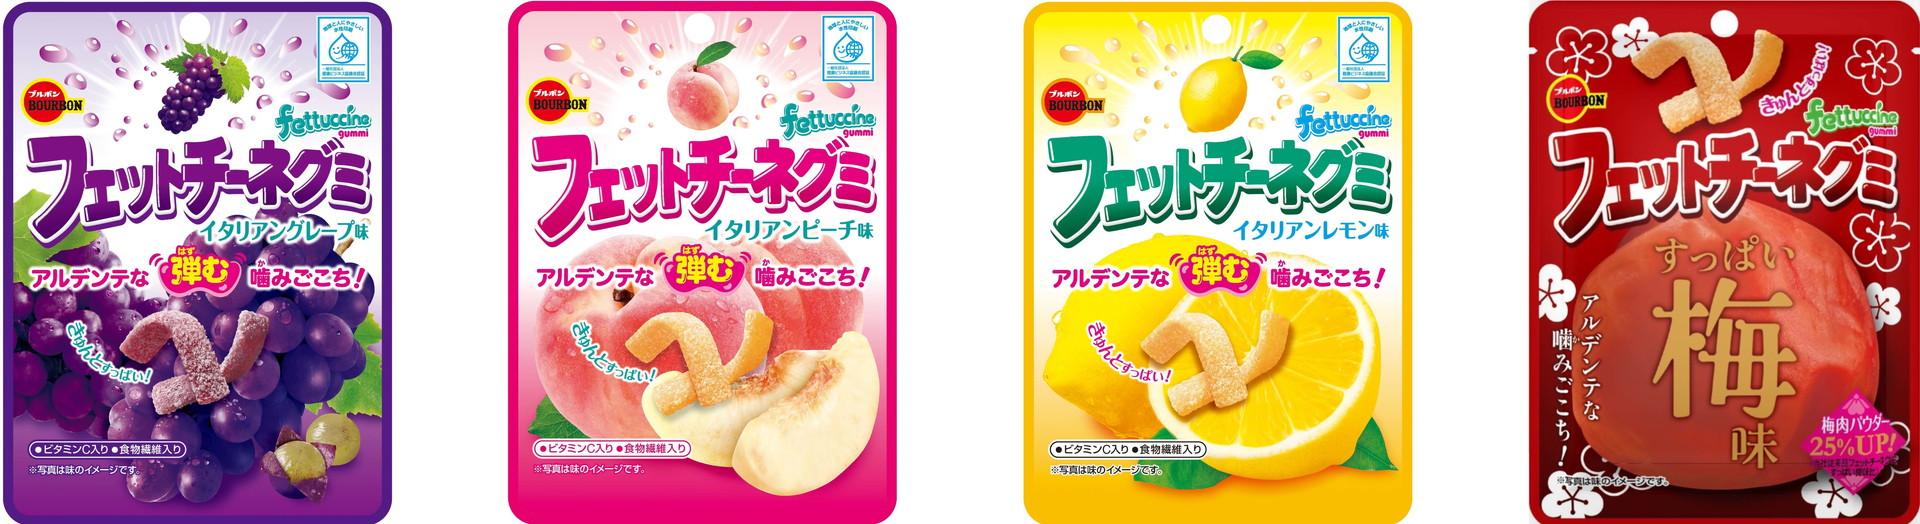 果肉パウダーが25%UP!「フィットチーネすっぱい梅味」登場!